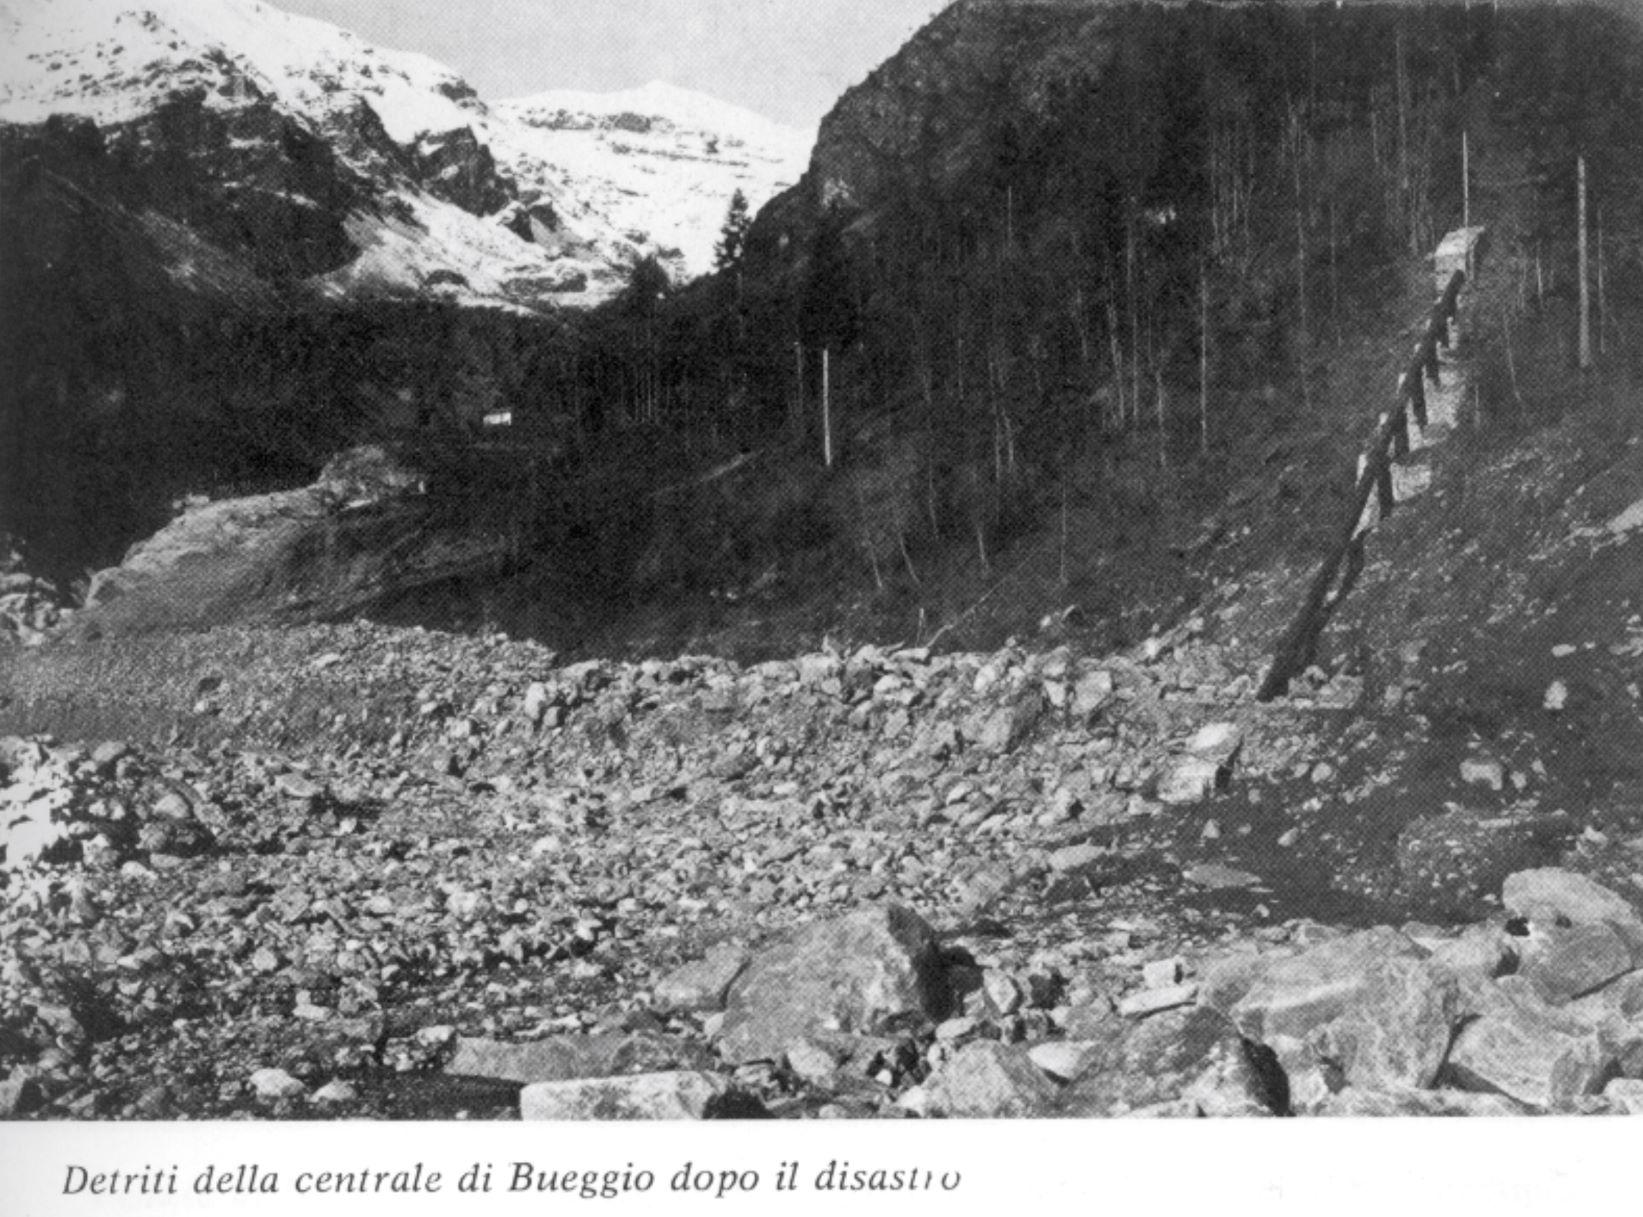 Detriti della centrale di Bueggio dopo il disastro